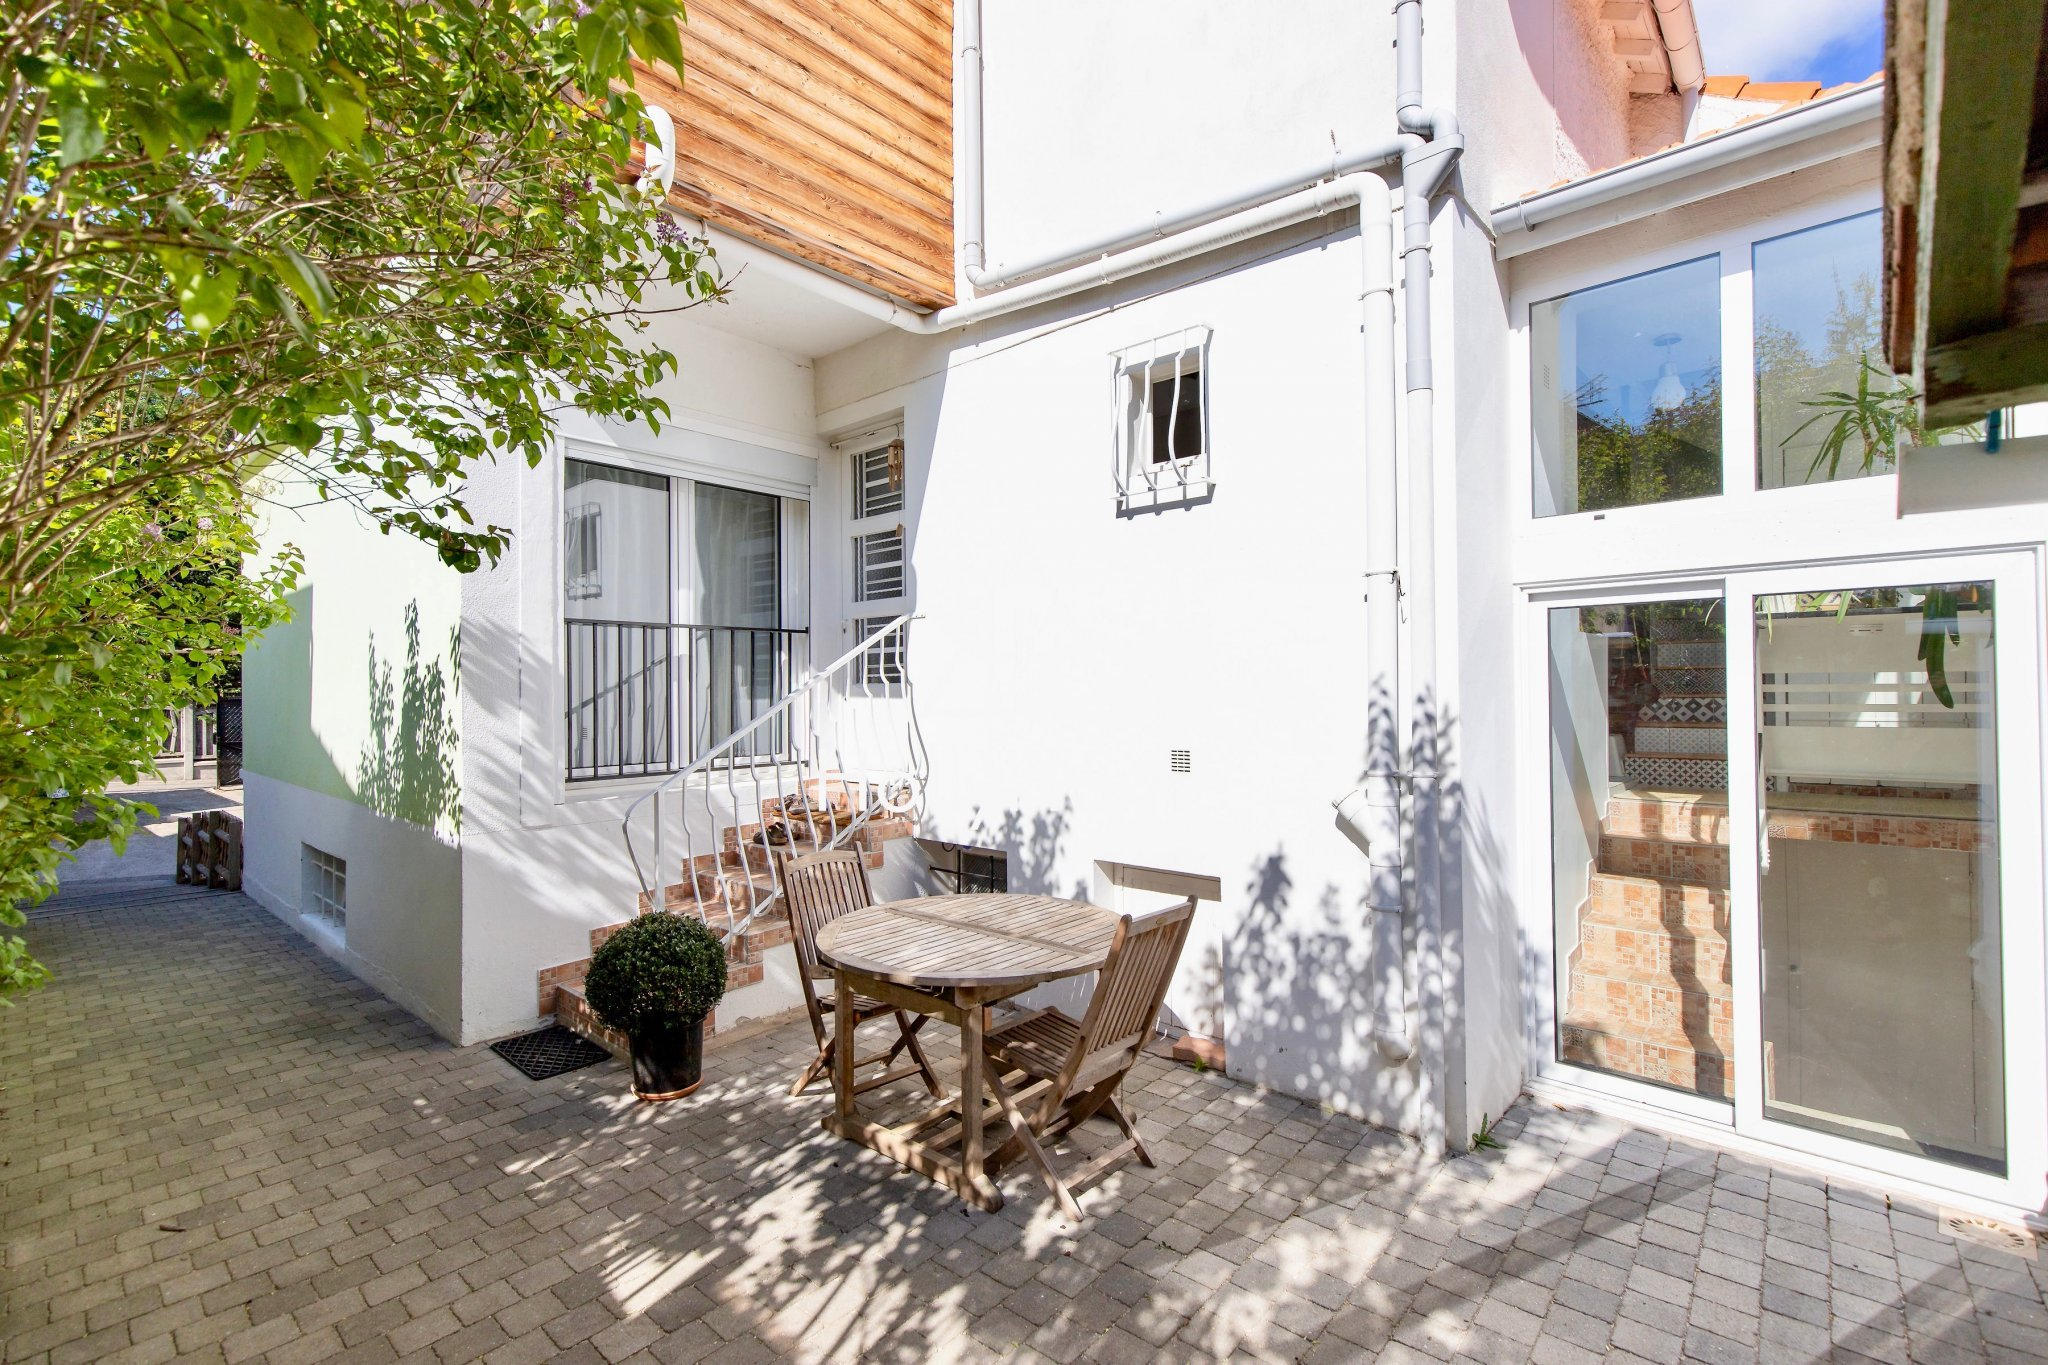 Maison a vendre colombes - 5 pièce(s) - 94 m2 - Surfyn